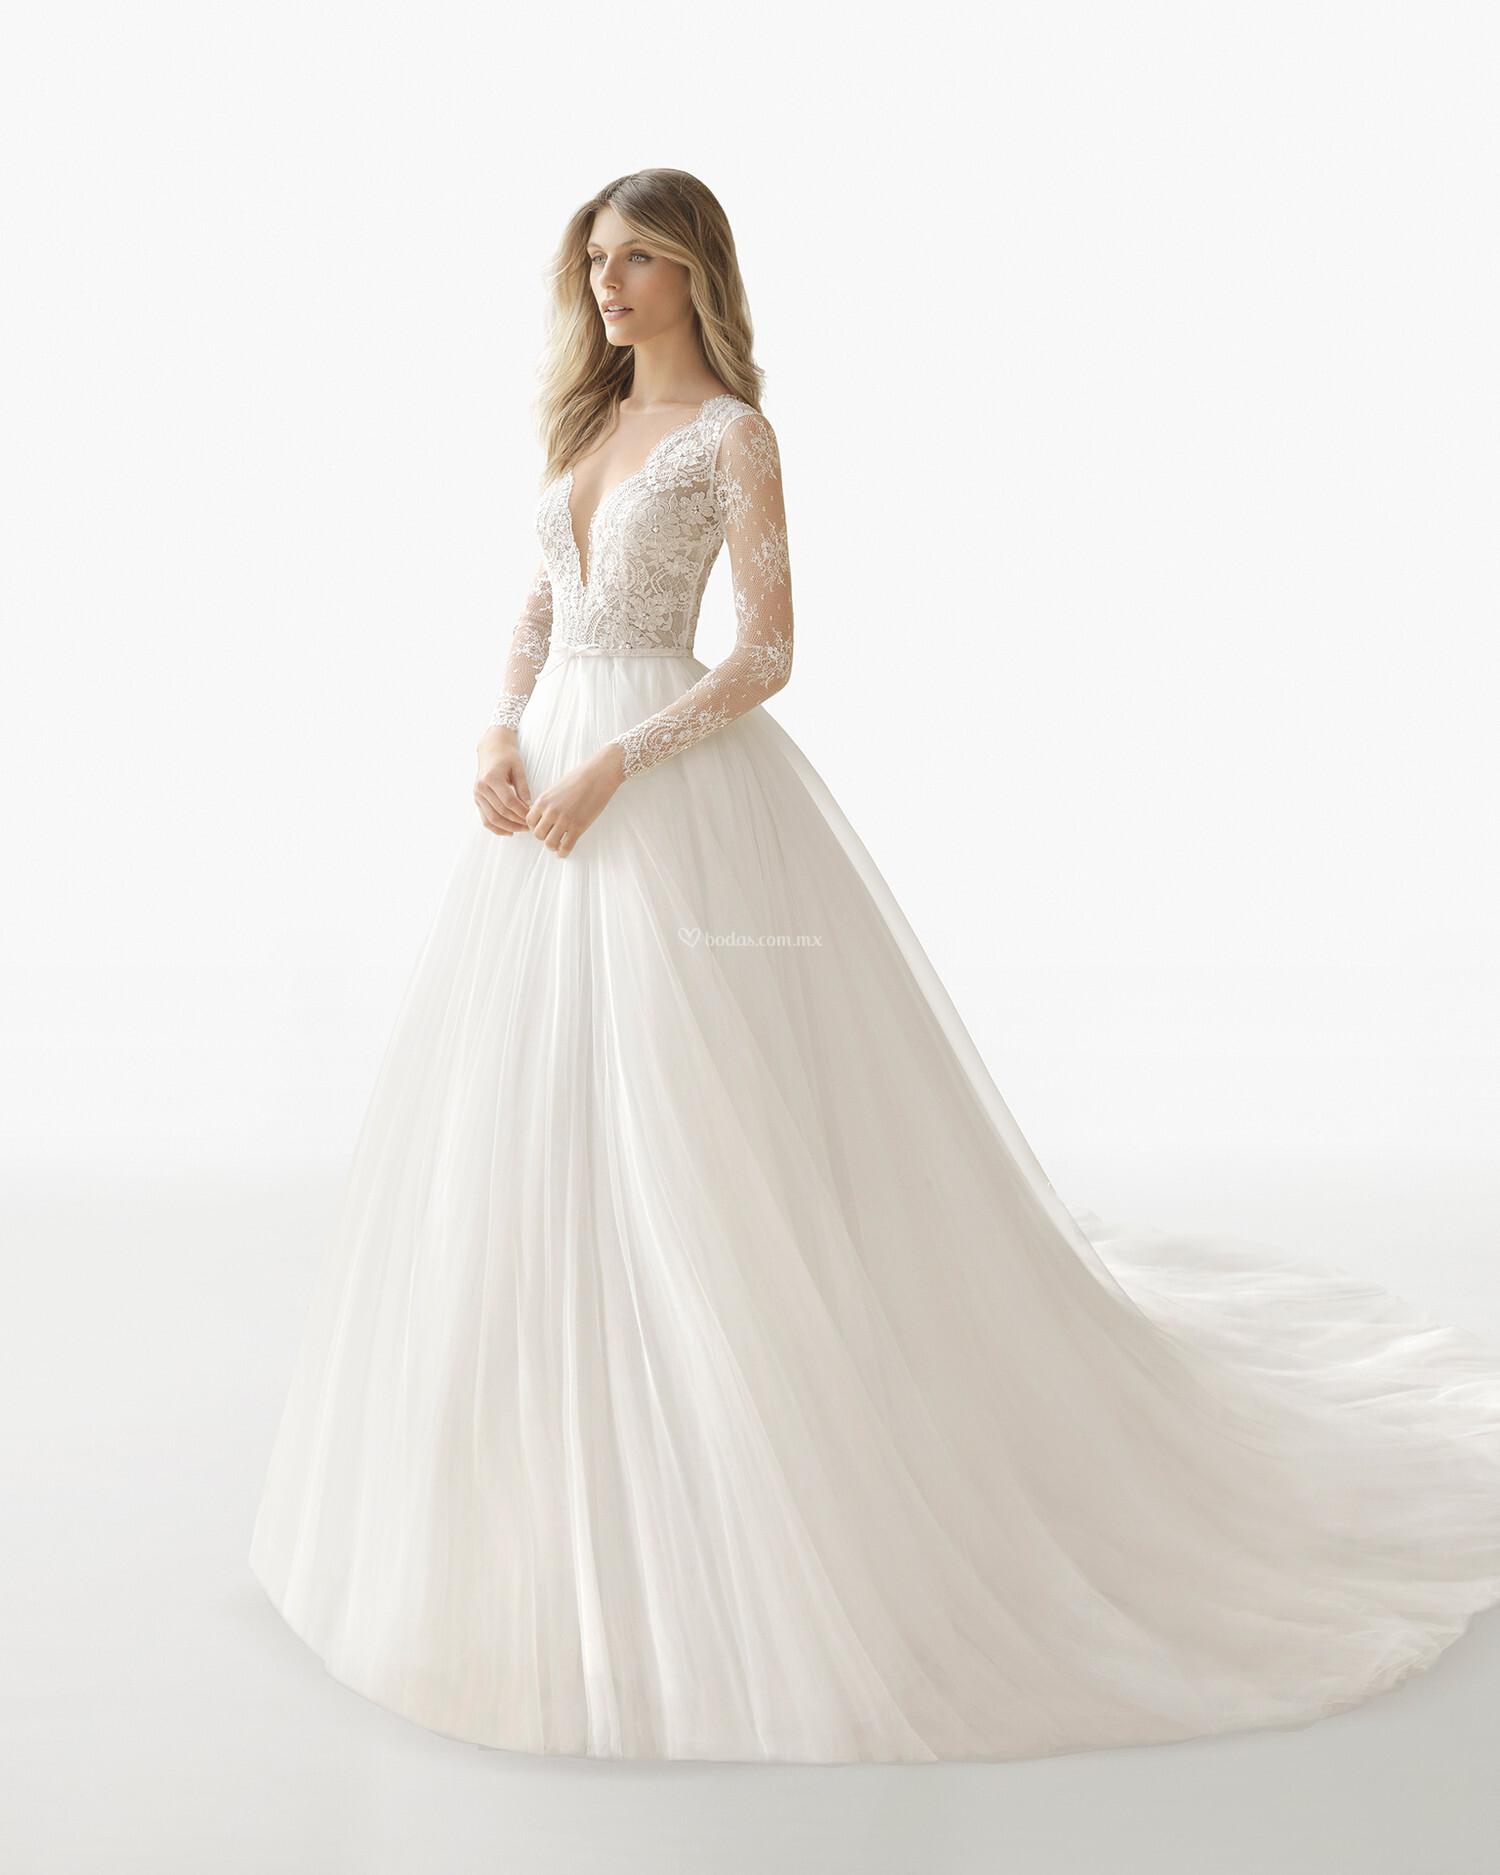 Donde hacer mi vestido de novia